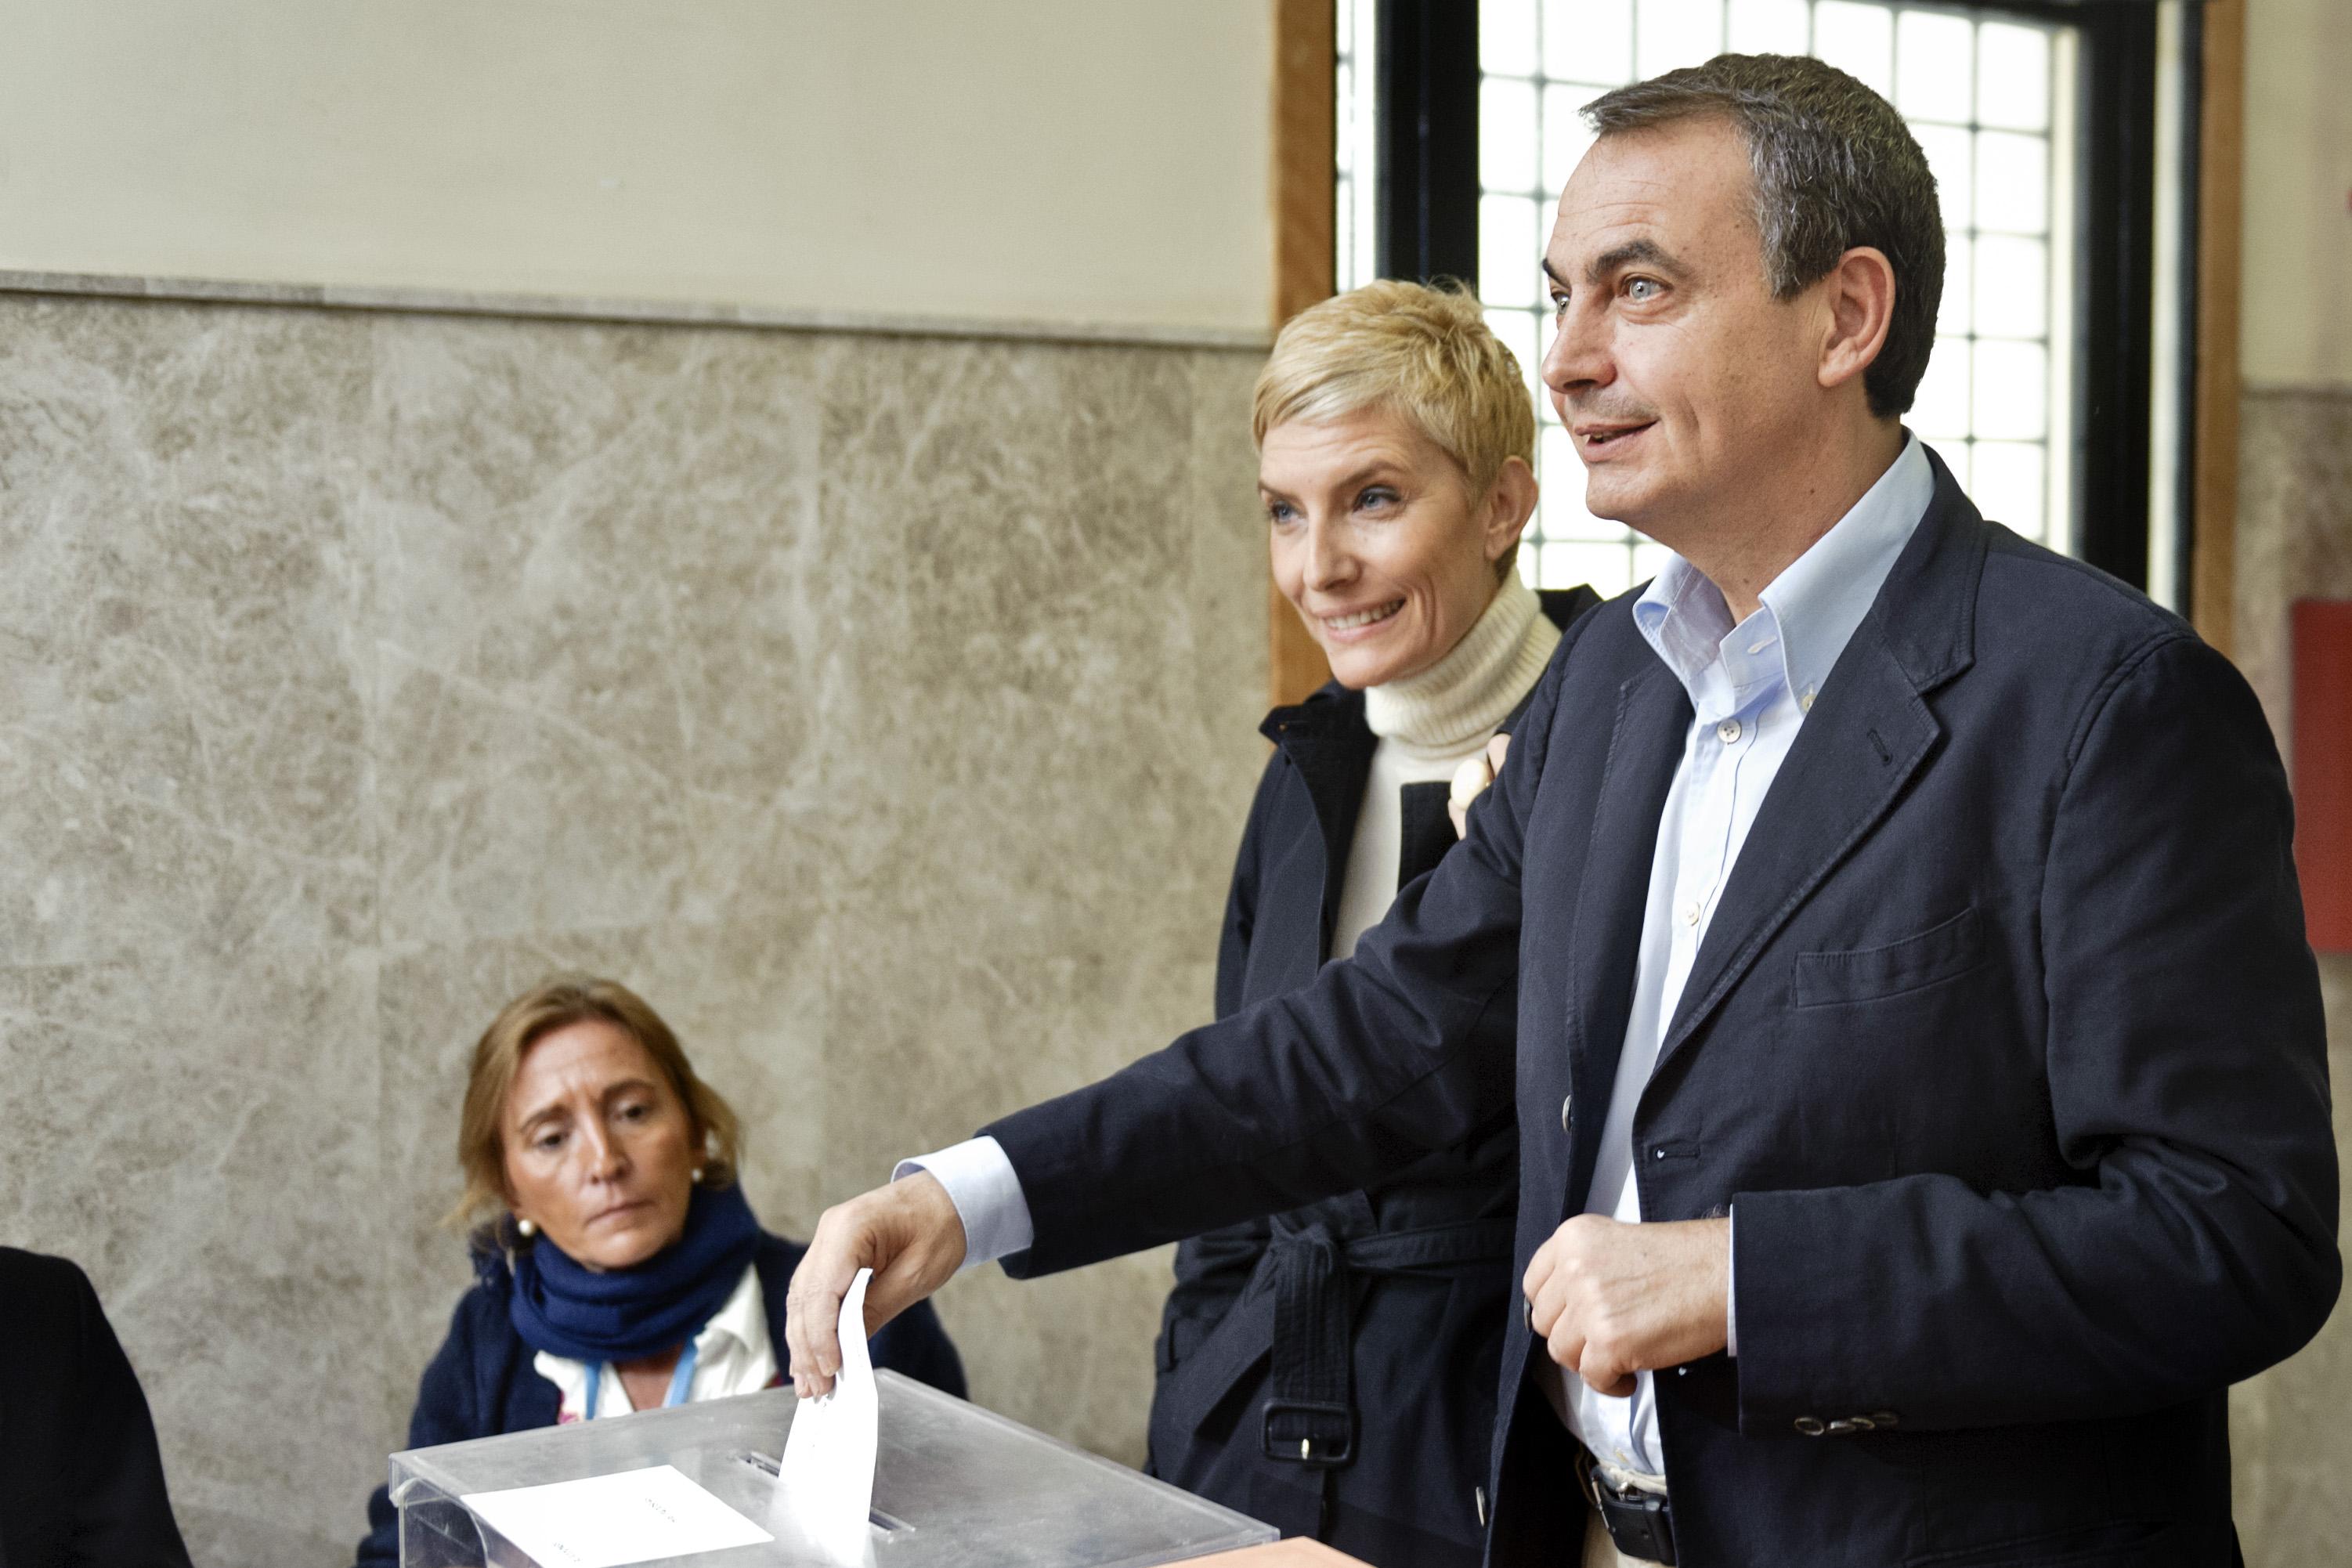 zapatero, junto a su mujer sonsoles, votando